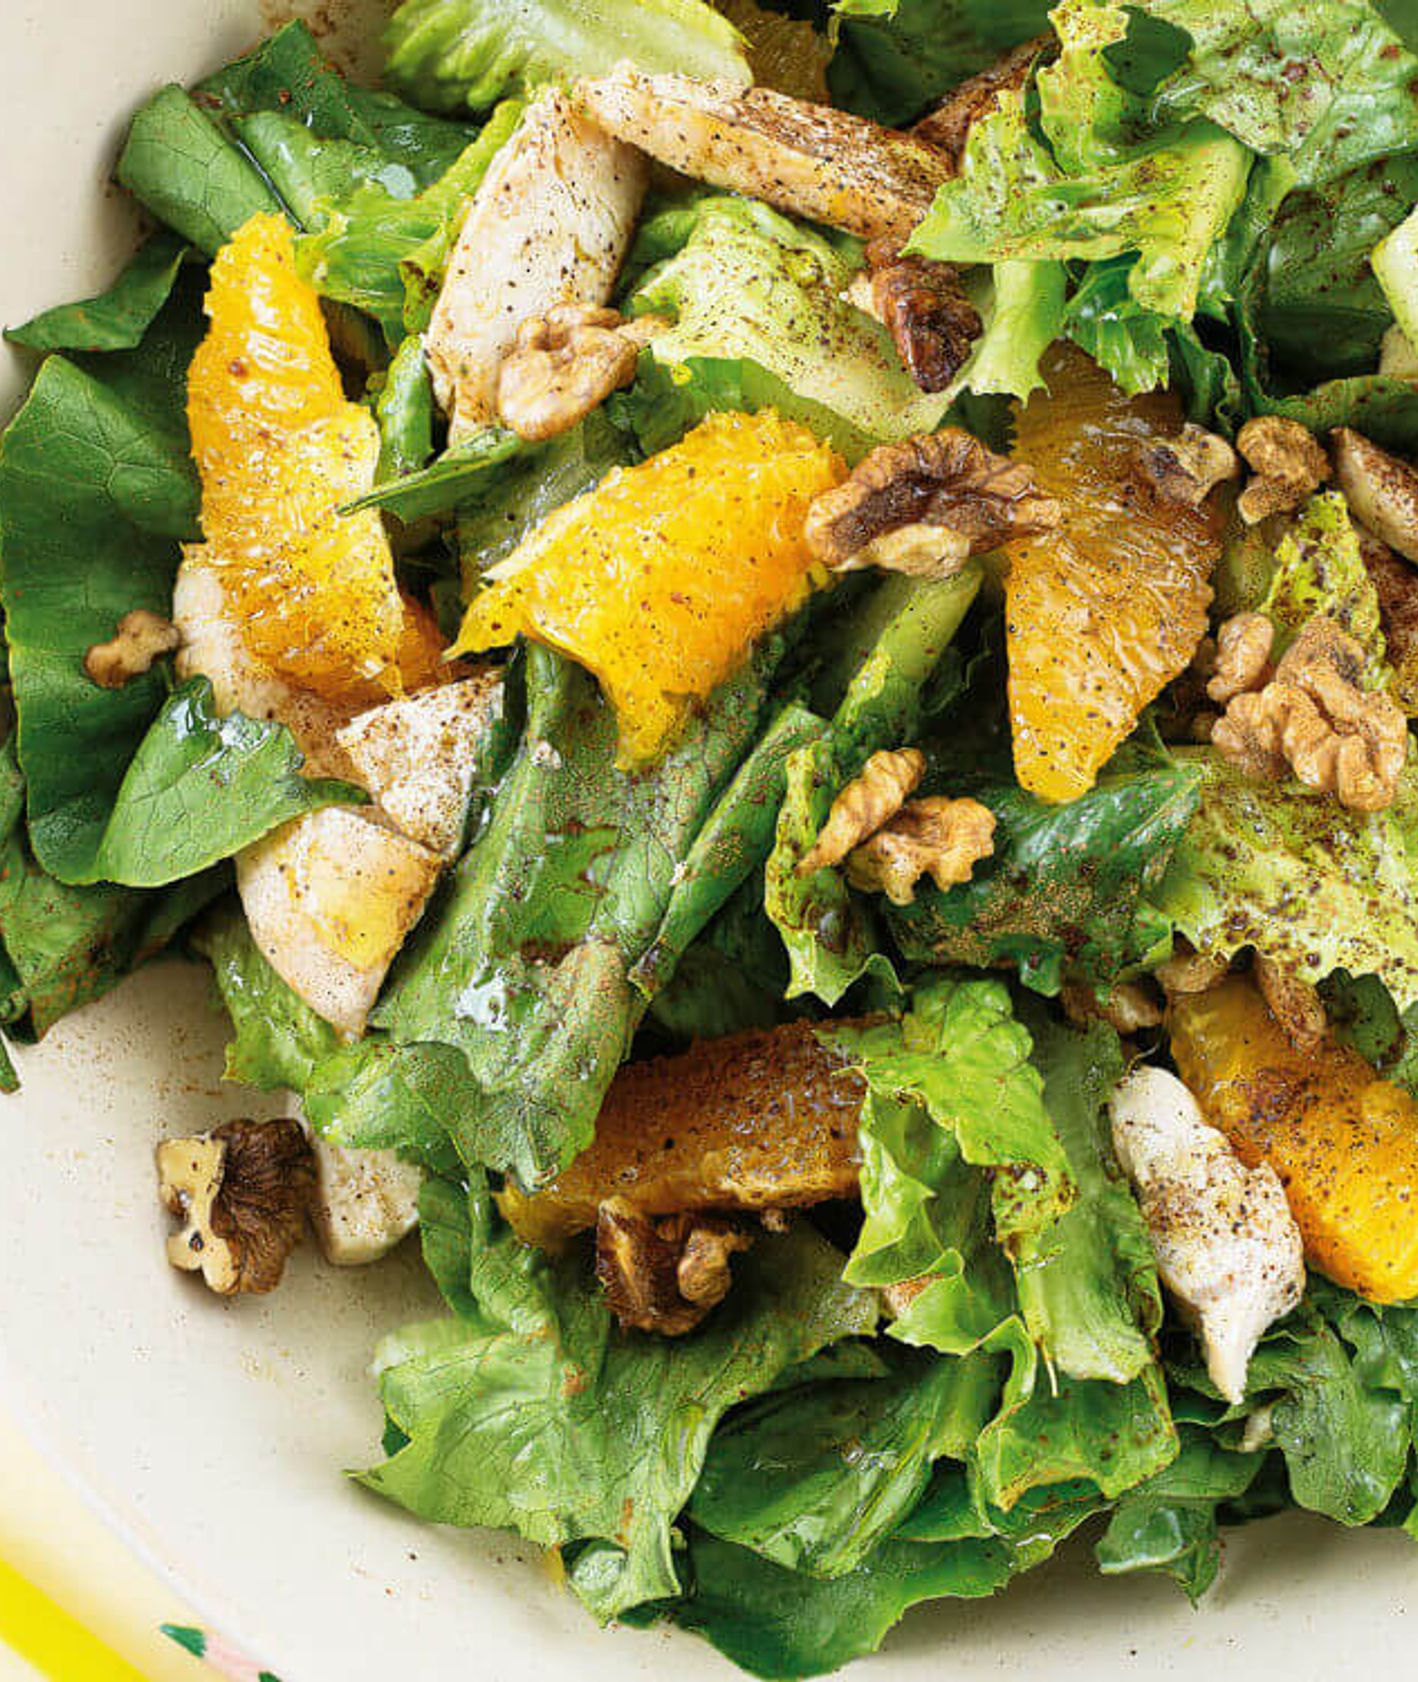 marokańska sałatka z kurczakiem i pomarańczami, sałatka z kurczakiem, lekka sałatka, lunch, sałatka z orzechami, pomarańcze, sezonowa sałatka